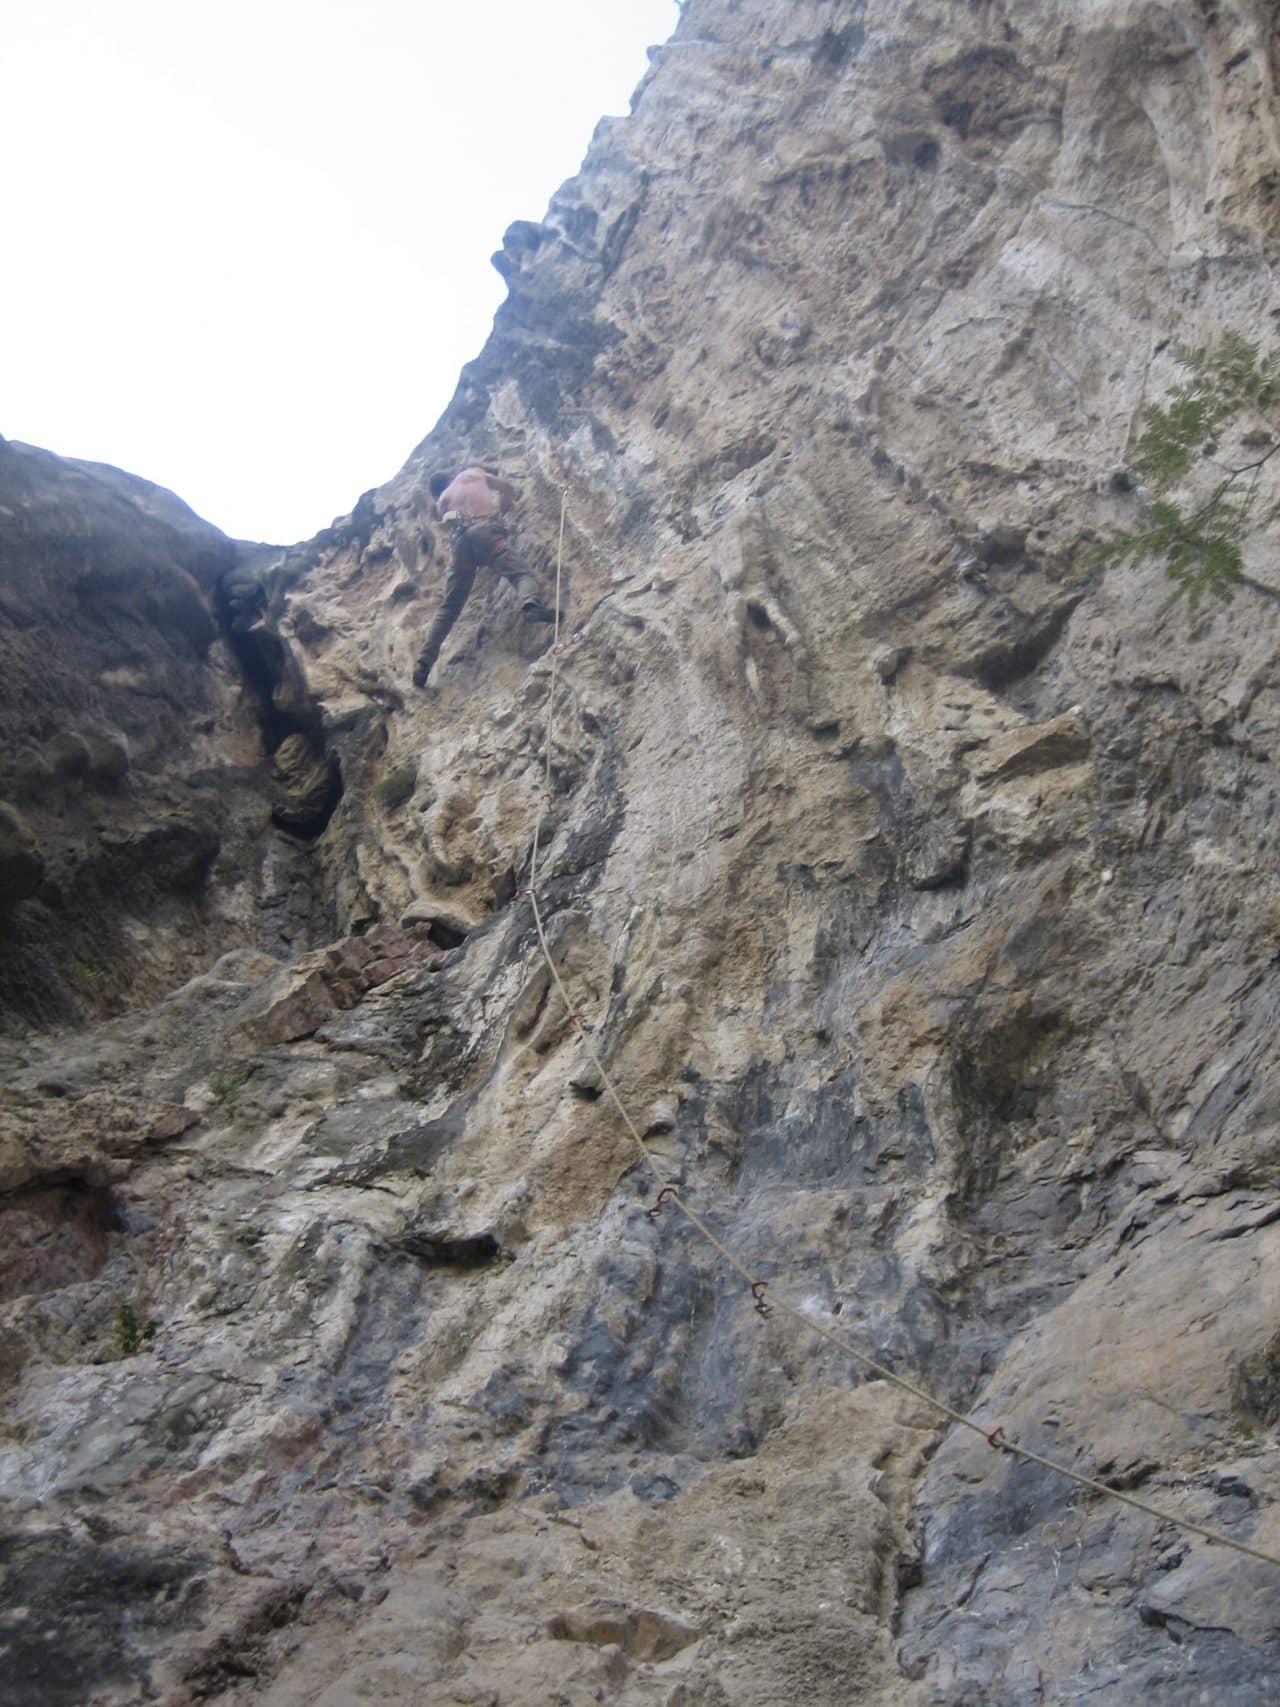 escalade-mexique-potrero-chico-xavier-carrard-colonette-helyum-guide-de-montagne-roc-trip-